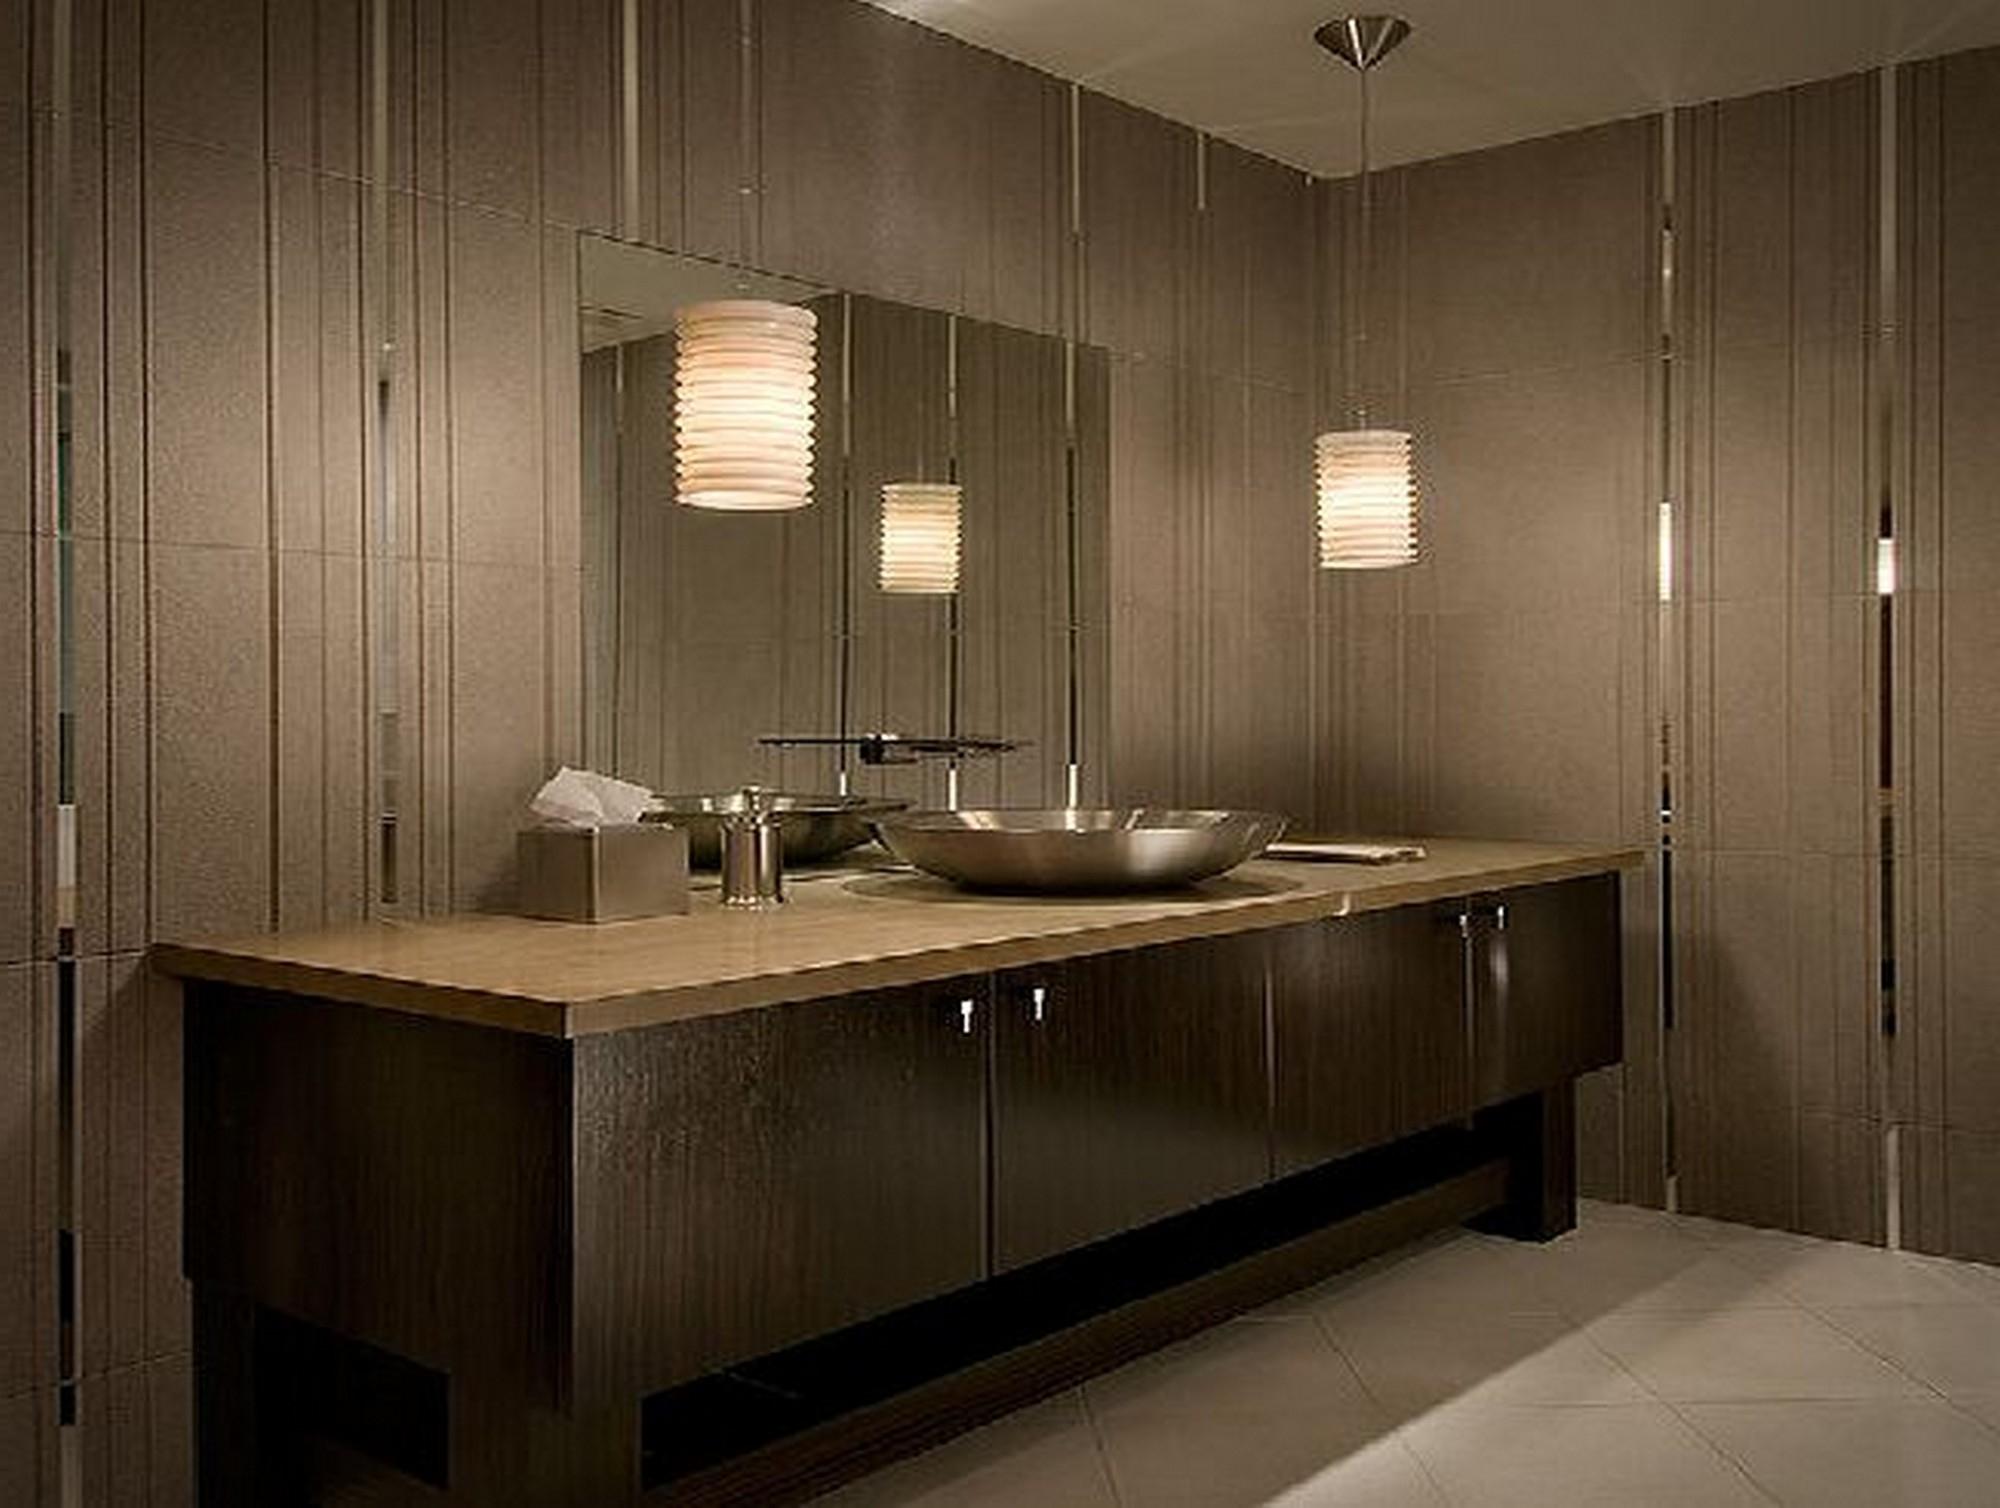 Chandelier: Astounding Small Chandeliers For Bathrooms Bedroom Regarding Trendy Modern Bathroom Chandeliers (View 15 of 15)